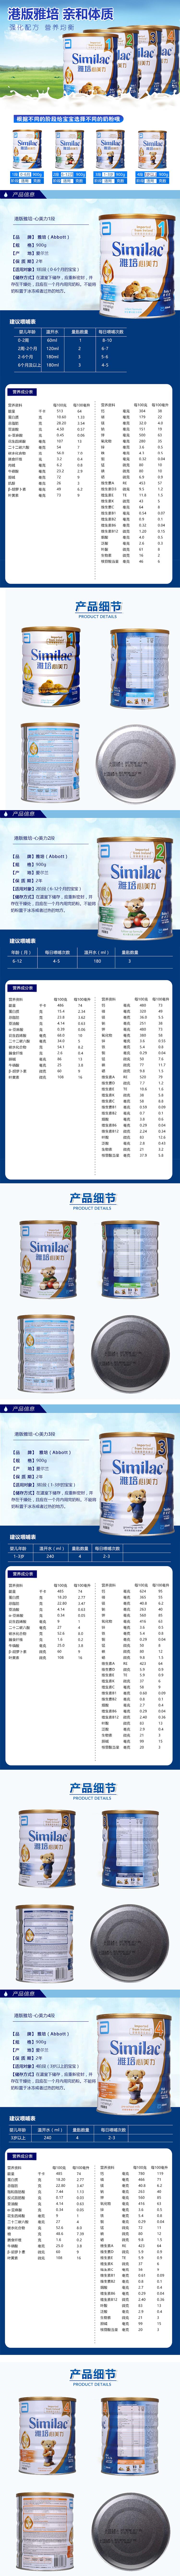 雅培(Abbott) 香港版心美力2段(6-12个月)较大婴儿奶粉 900g爱尔兰原装 2罐